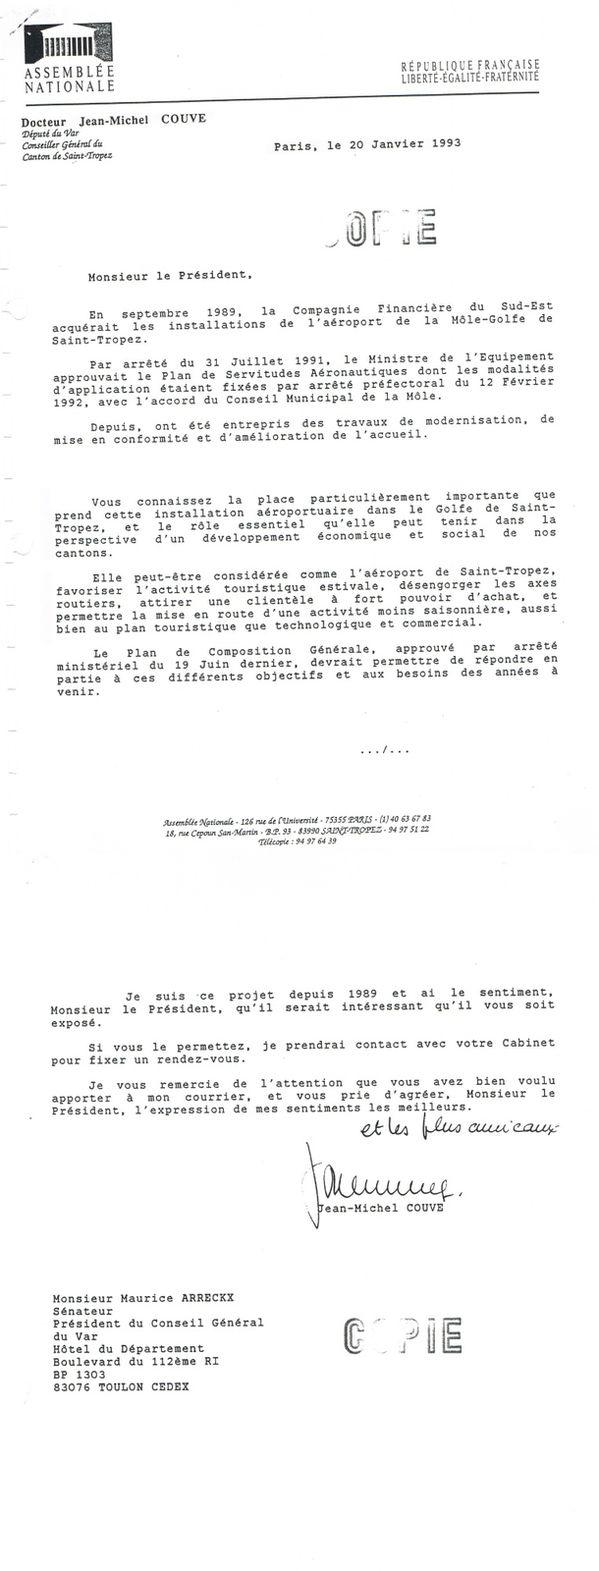 1993 0120 courrier Député JMC à Sénateur du Var